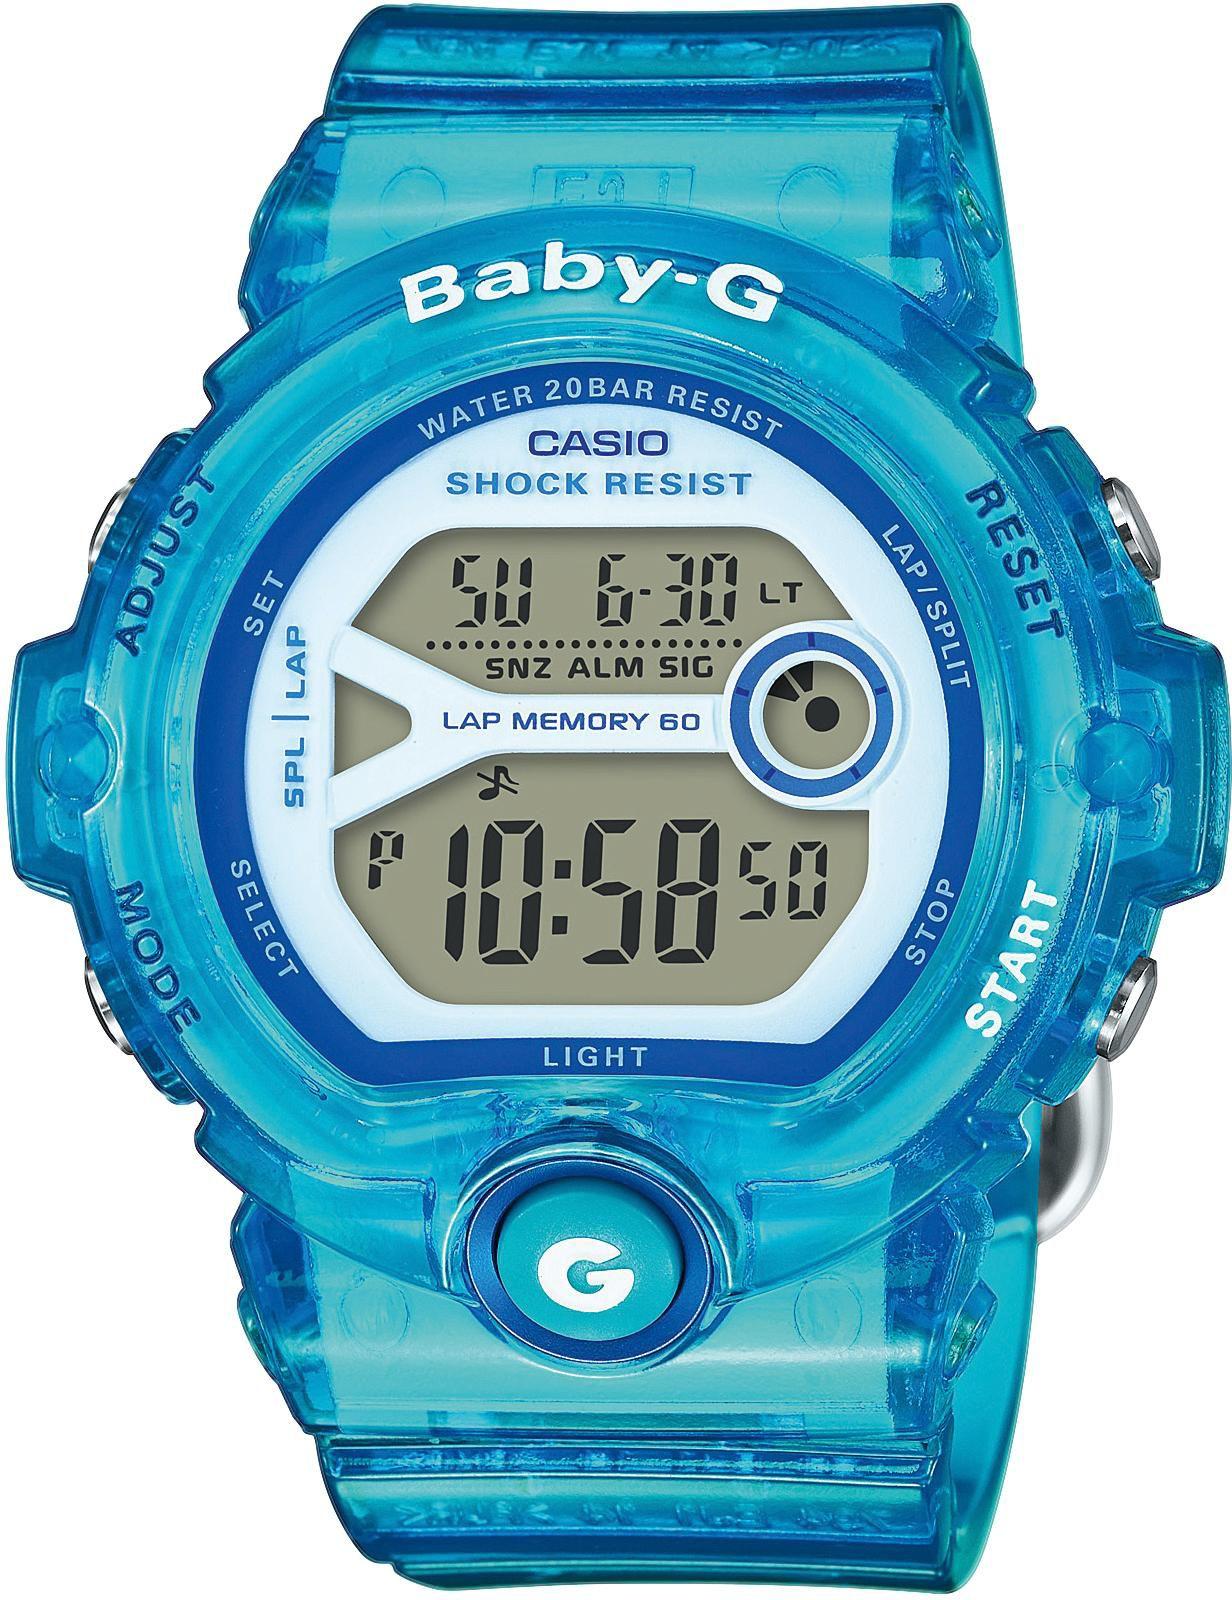 CASIO BABY G Baby-G Damenuhr Blau Casio anthrazit